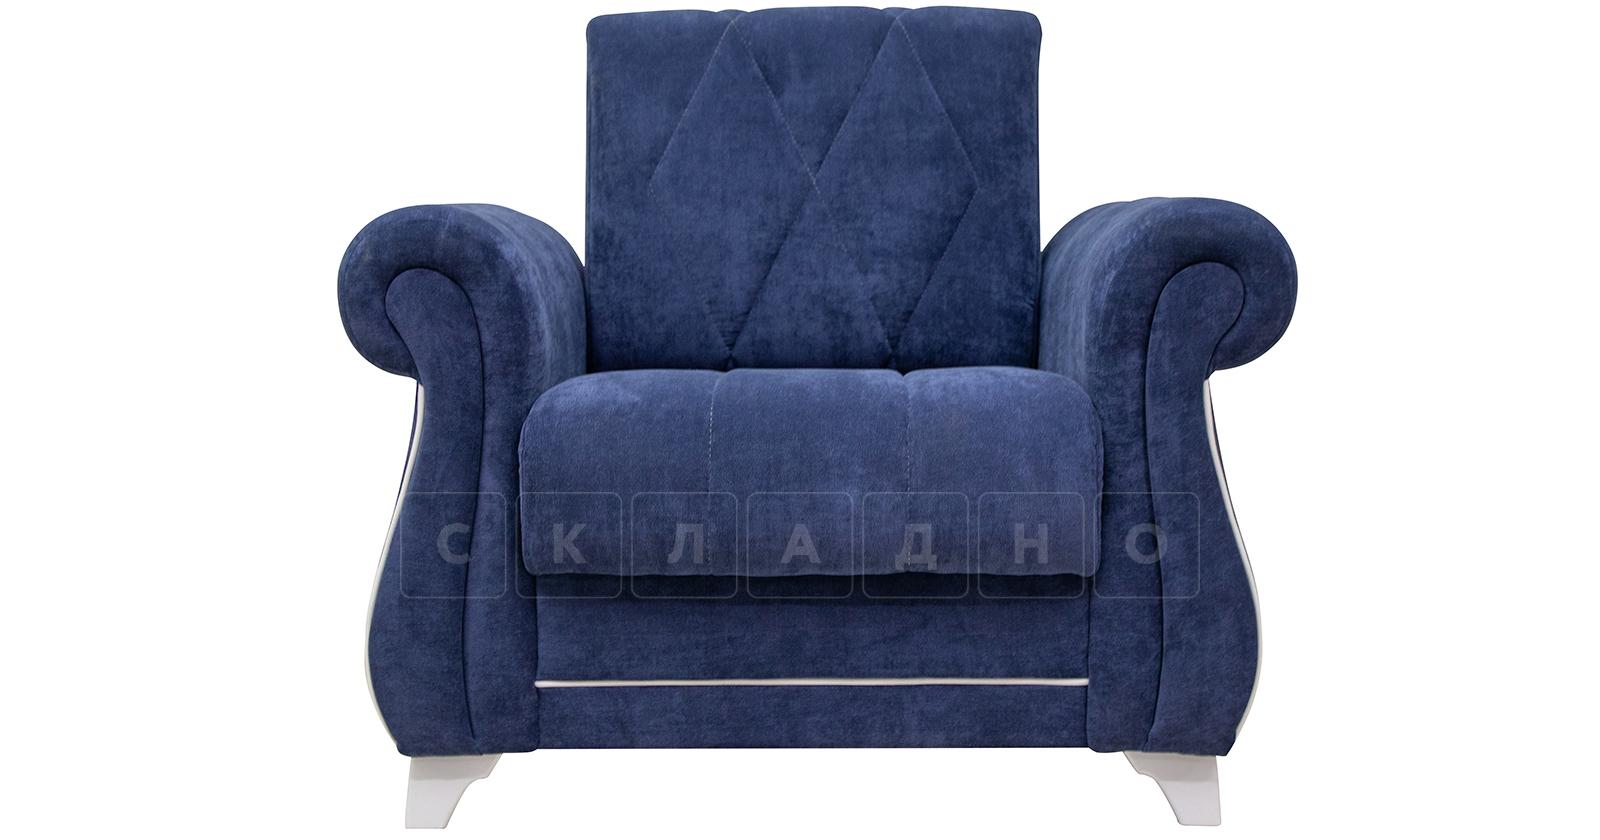 Кресло для отдыха Роза чернильный синий фото 2 | интернет-магазин Складно